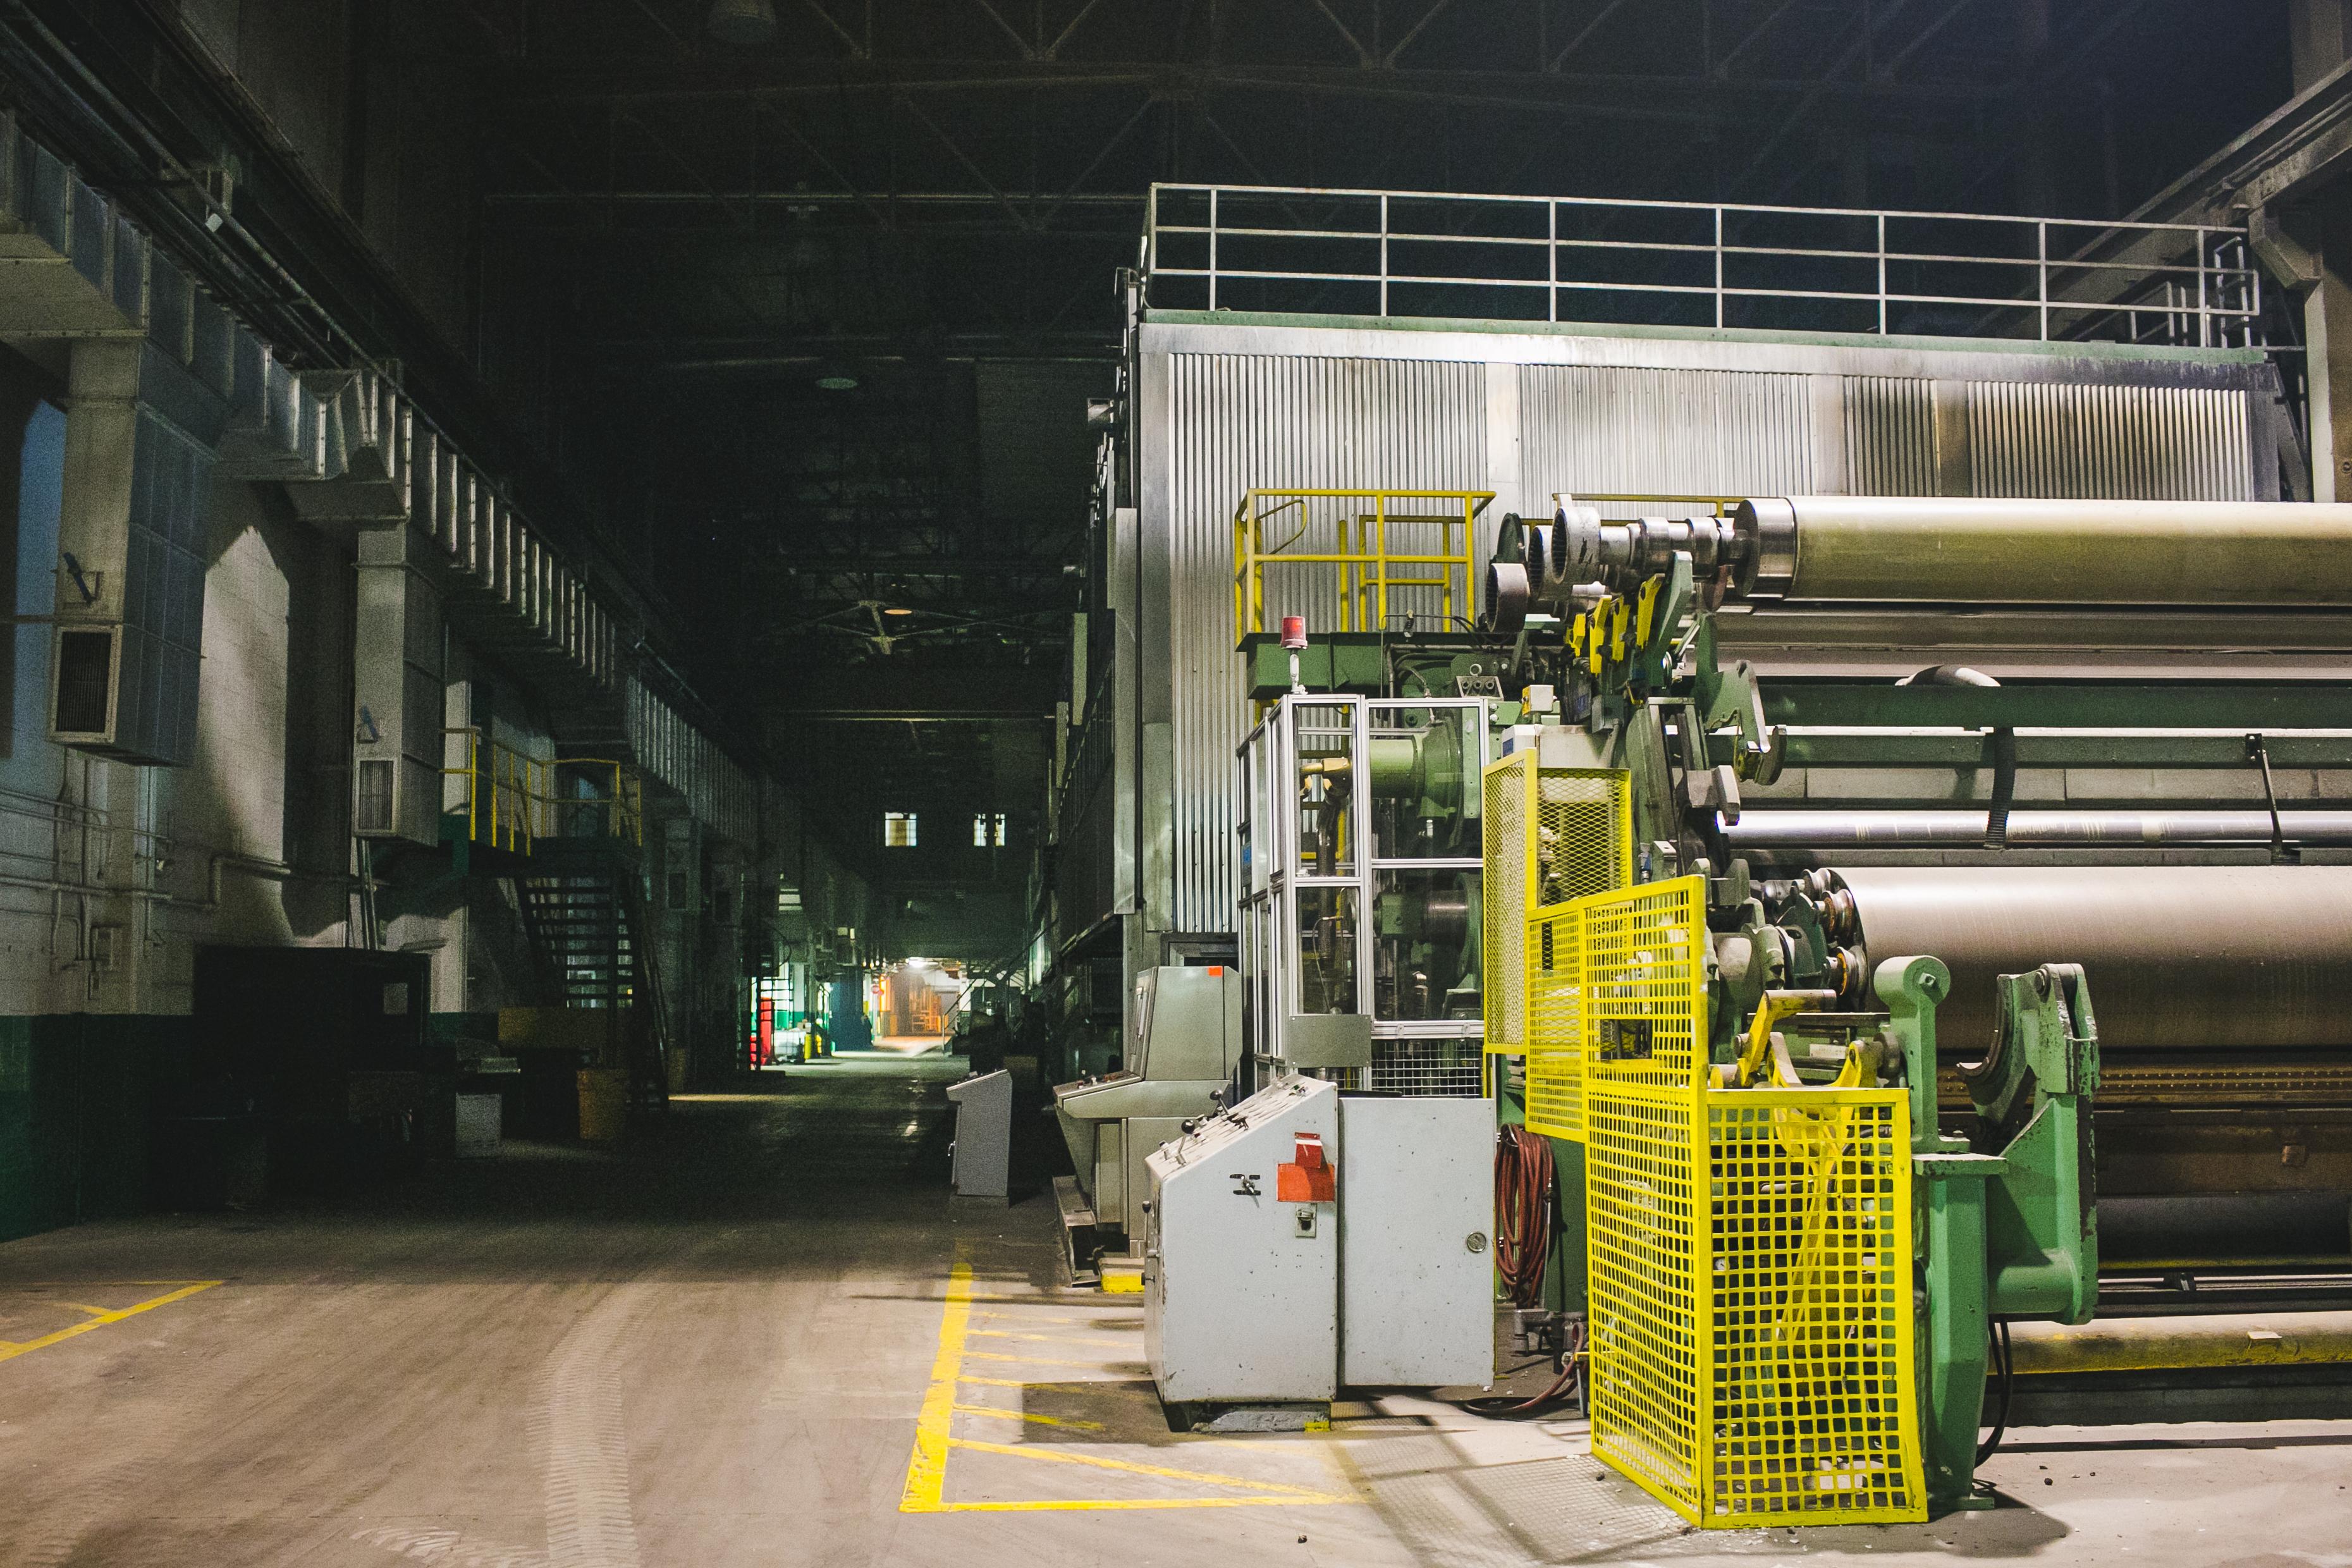 Brainerd Industrial Center Print Machine